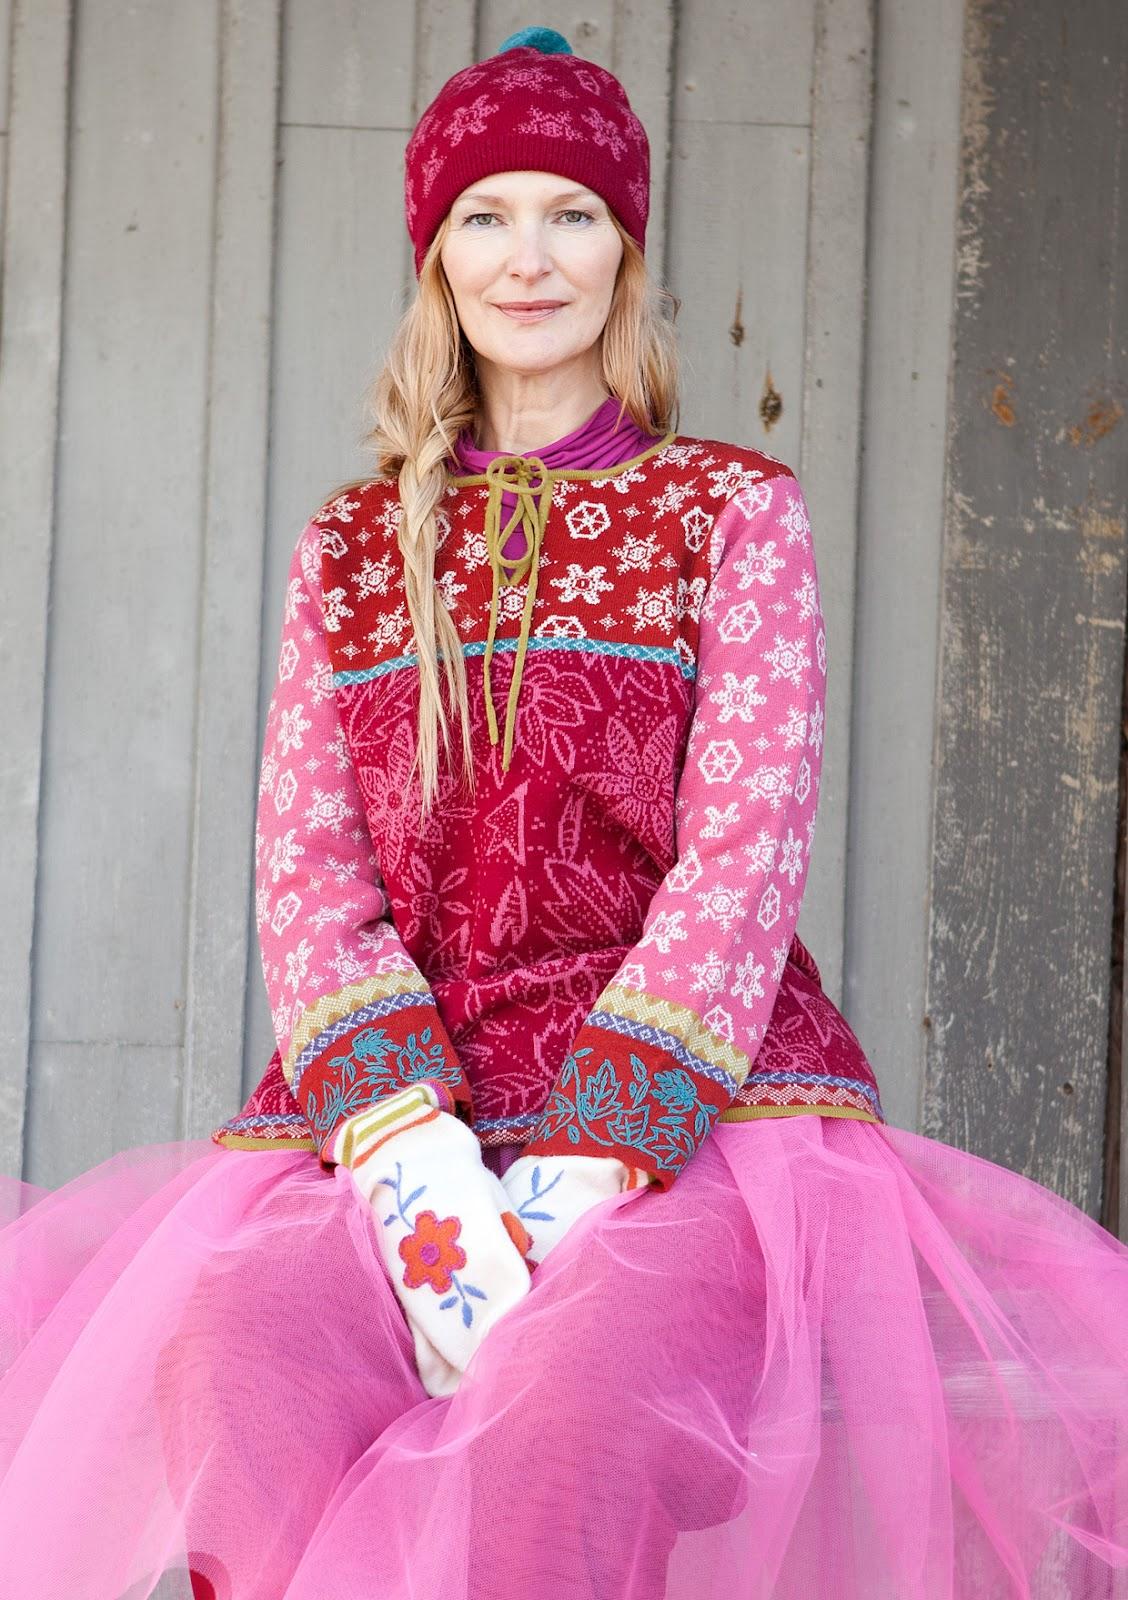 a7ae40bcc6fa Alla bilder kommer från Gudrun Sjödens hemsida